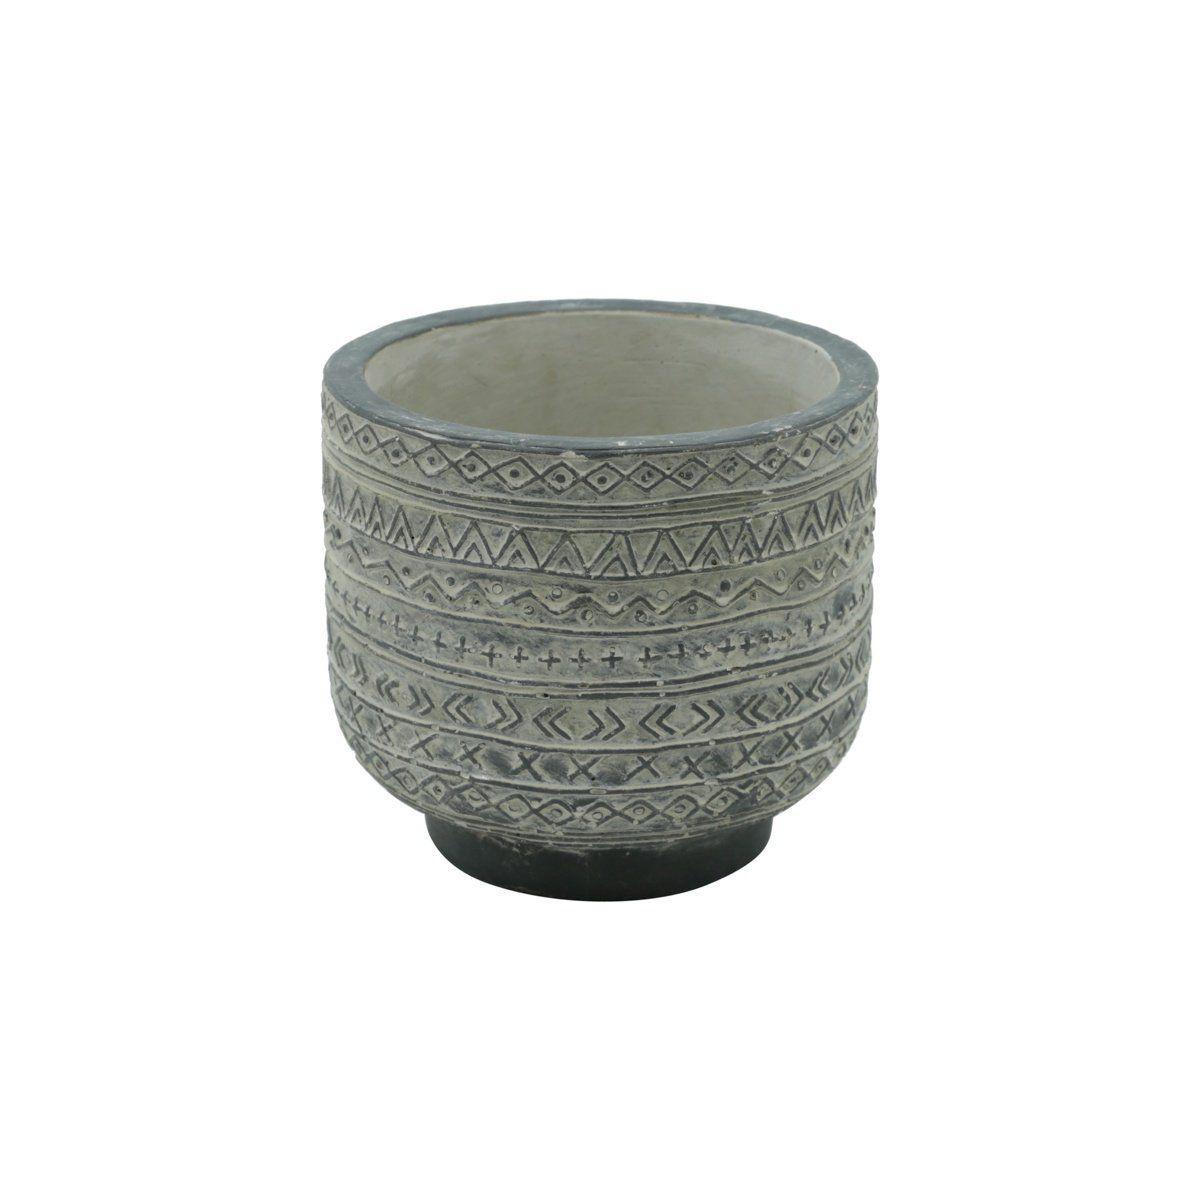 Vaso de Concreto Linhas e Formas com Pé Cinza 10cm x 11cm - 42129